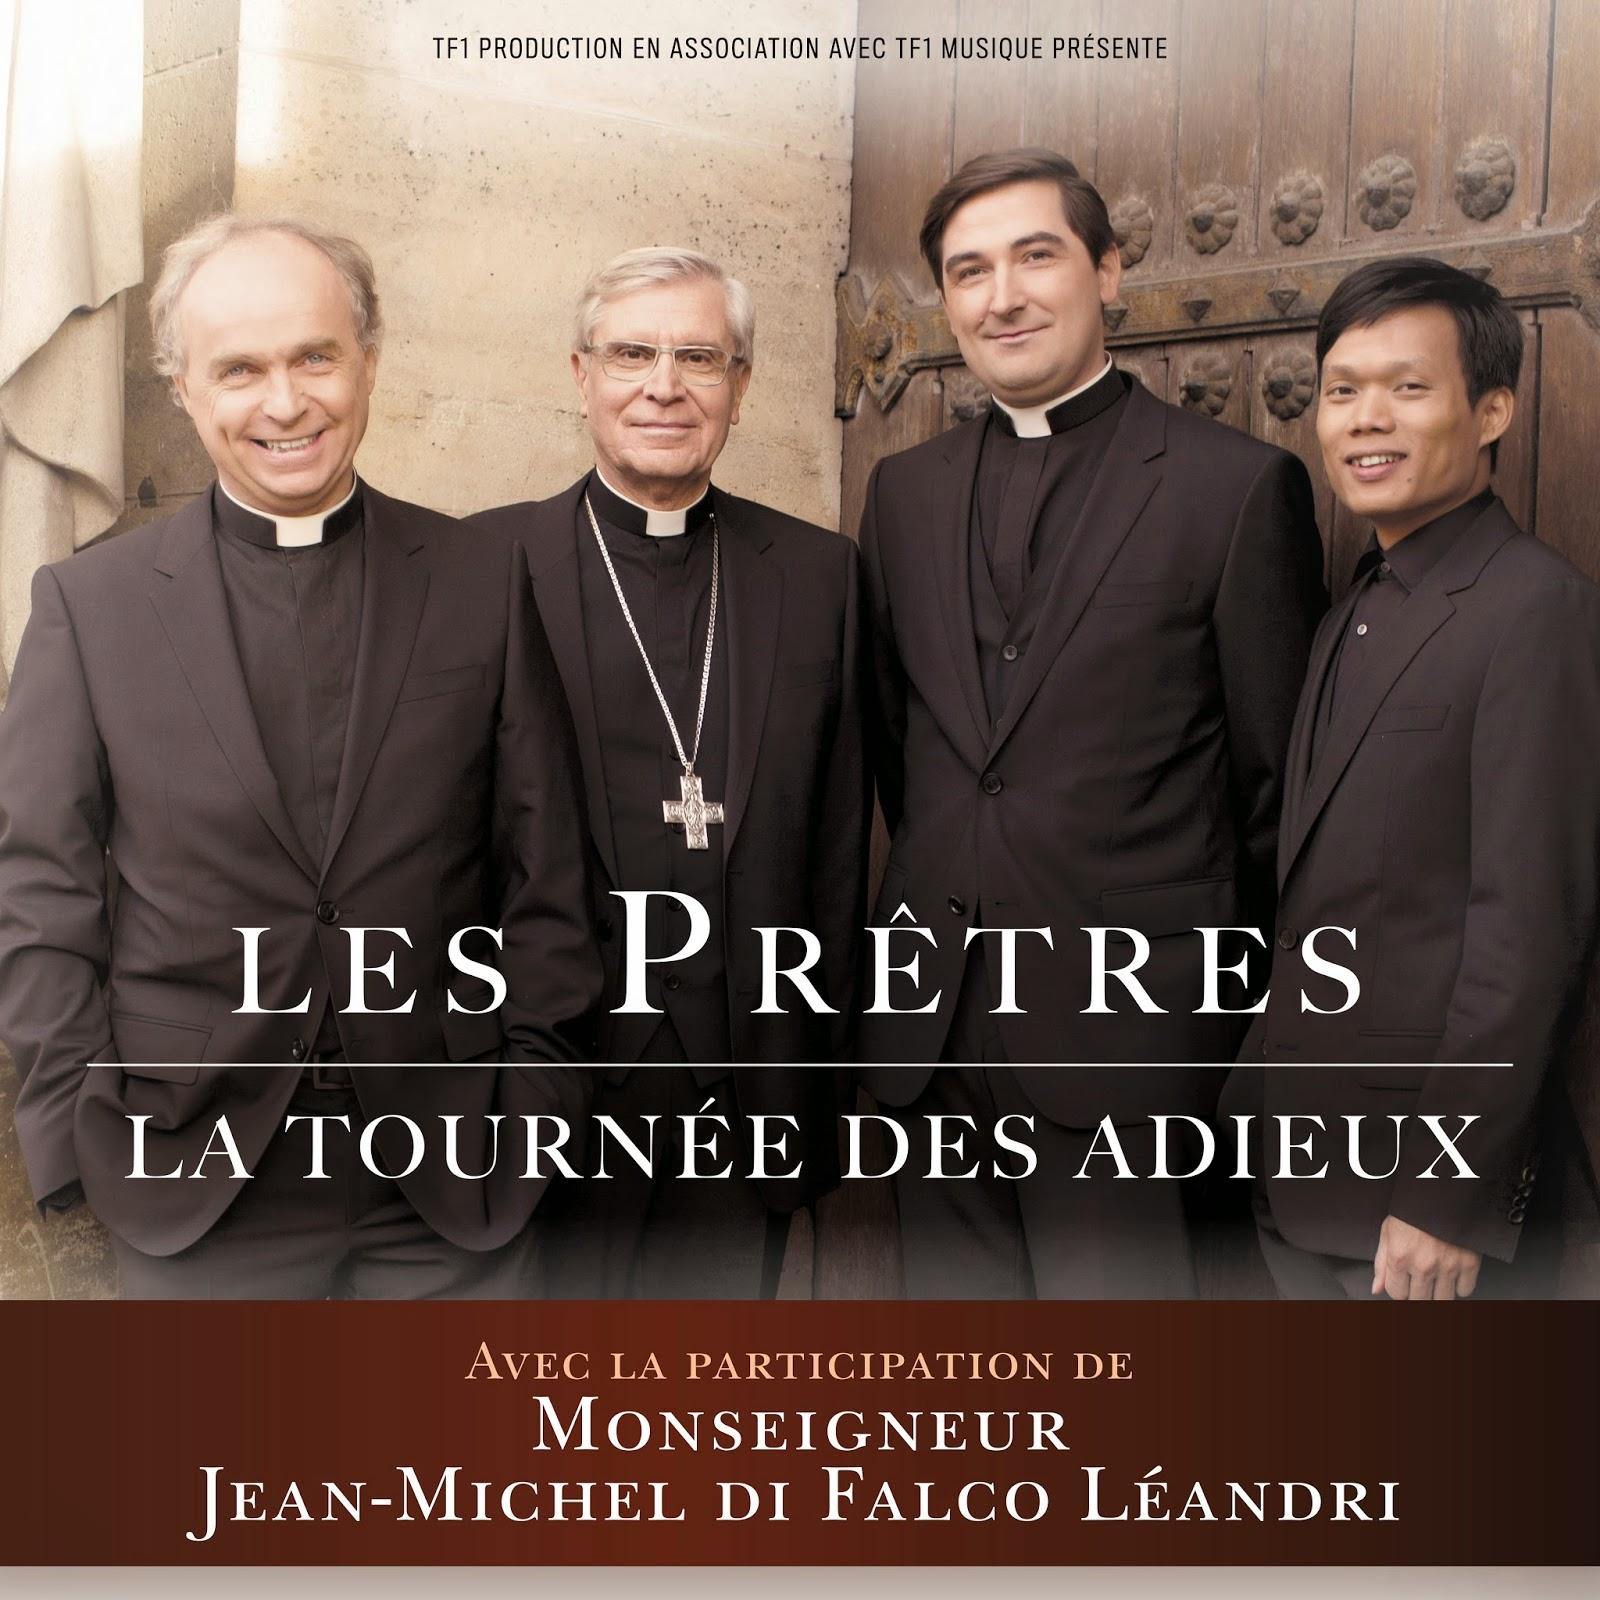 http://fr.wikipedia.org/wiki/Abus_sexuels_sur_mineurs_dans_l%27%C3%89glise_catholique